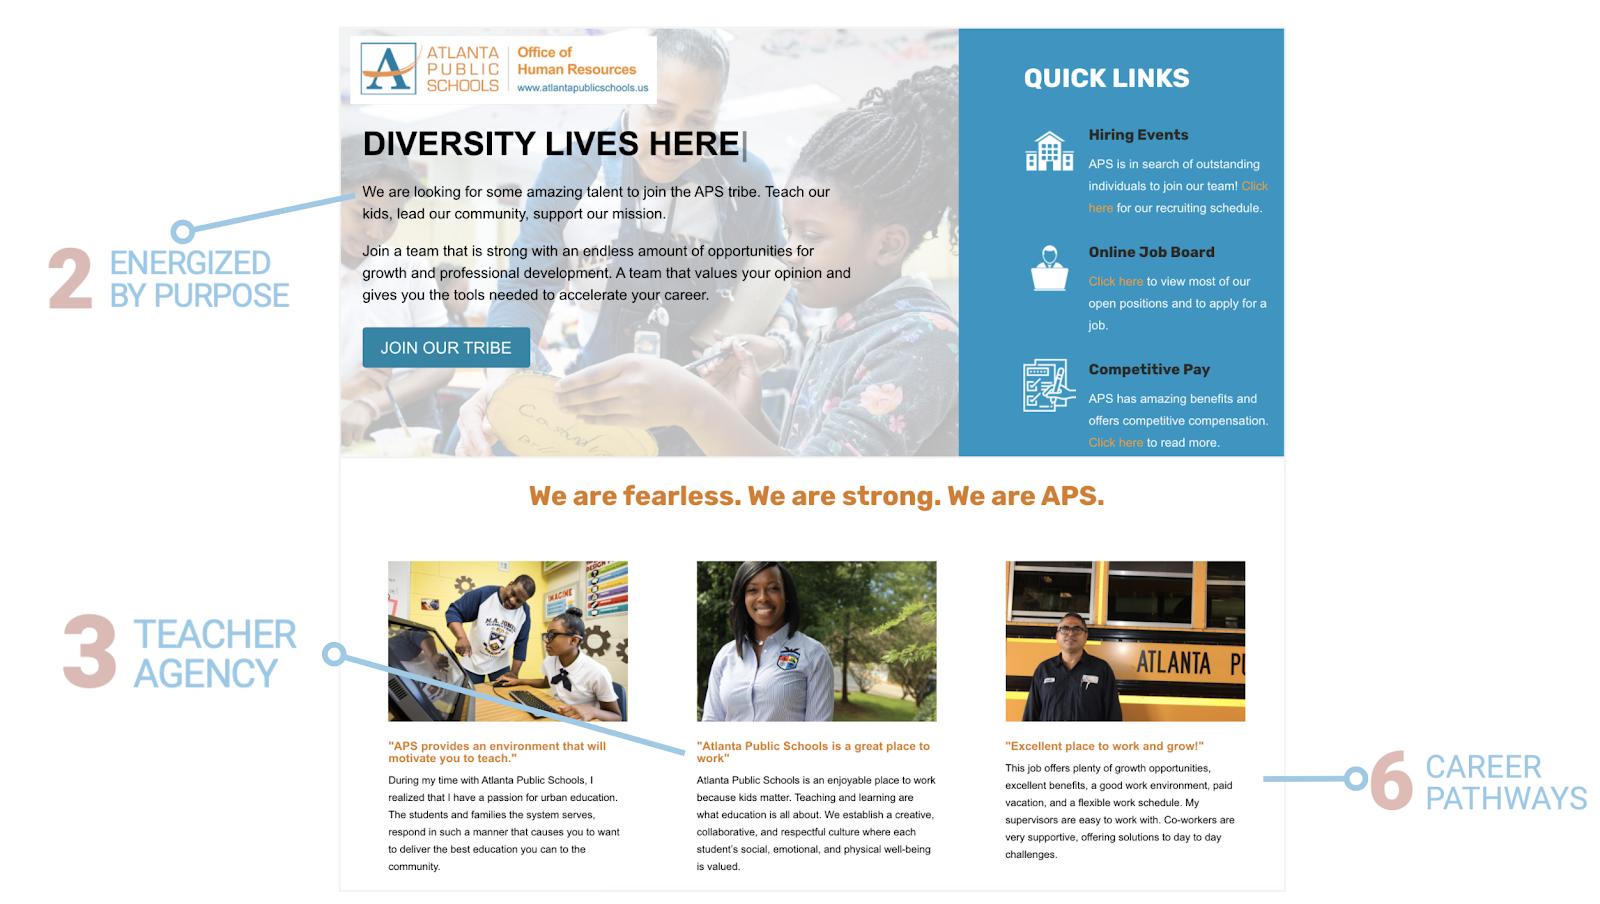 人力资源办公室的预览网站在亚特兰大公立学校manbetx万博网贴吧